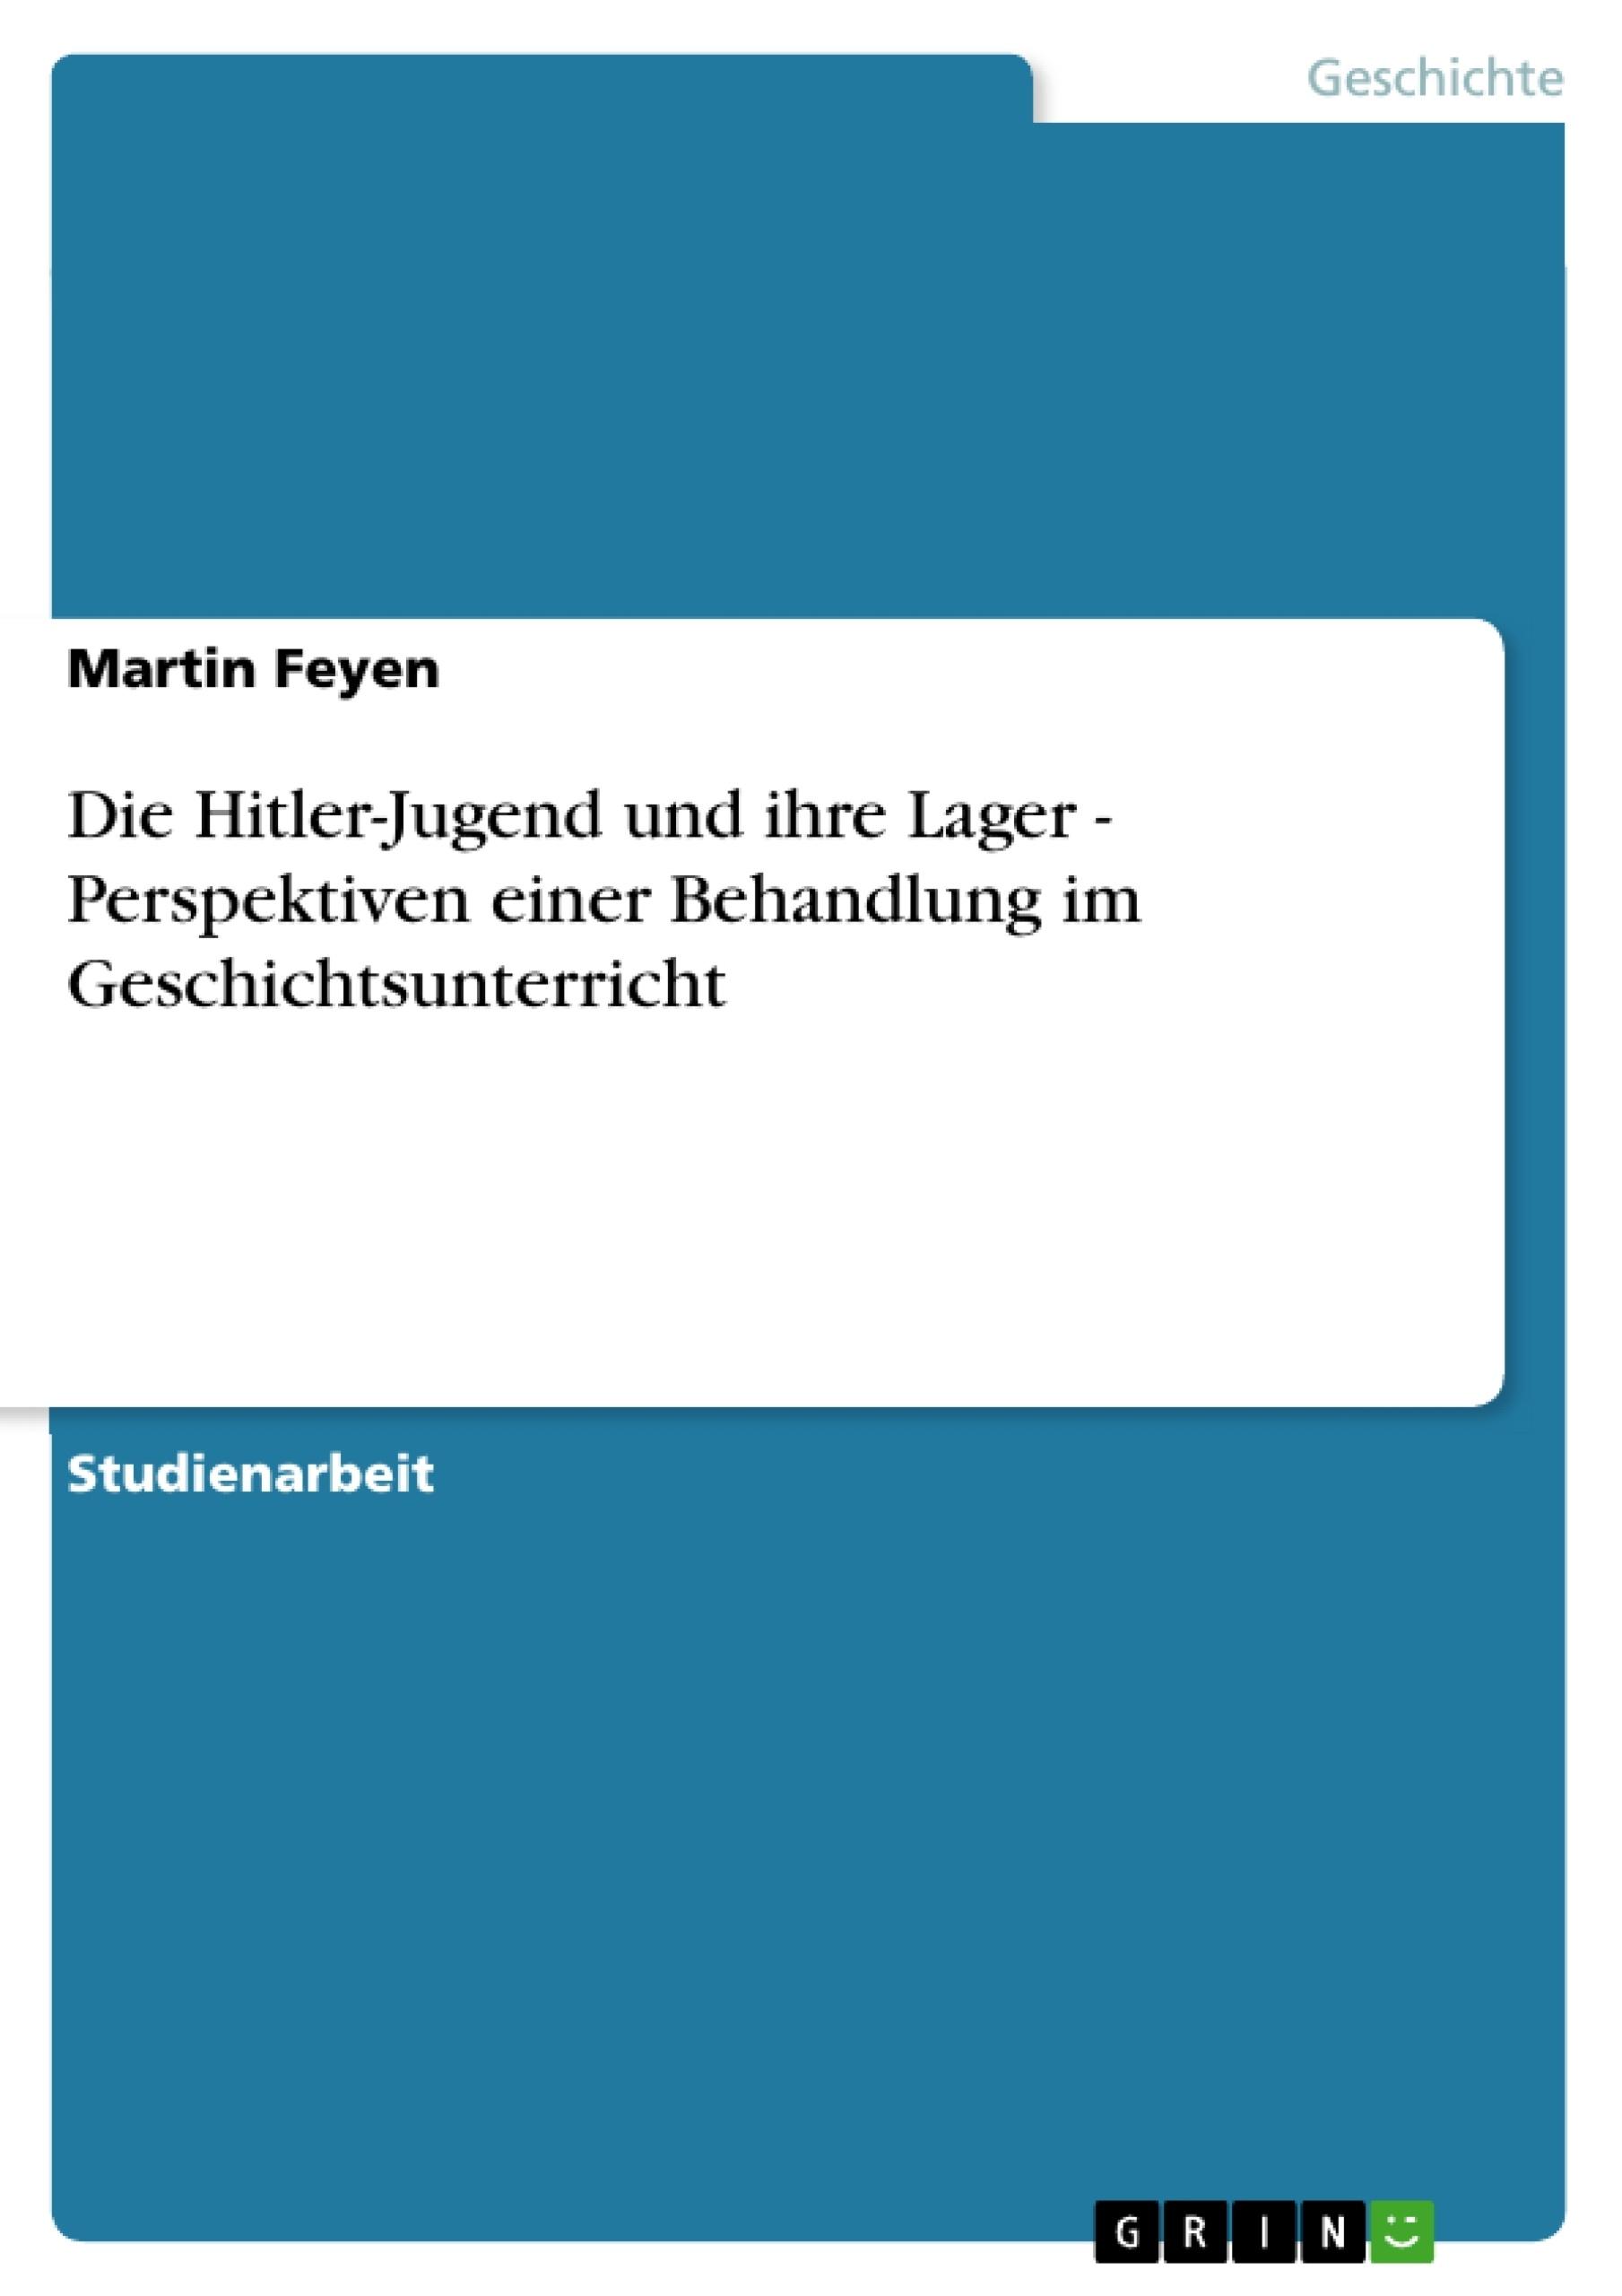 Titel: Die Hitler-Jugend und ihre Lager - Perspektiven einer Behandlung im Geschichtsunterricht